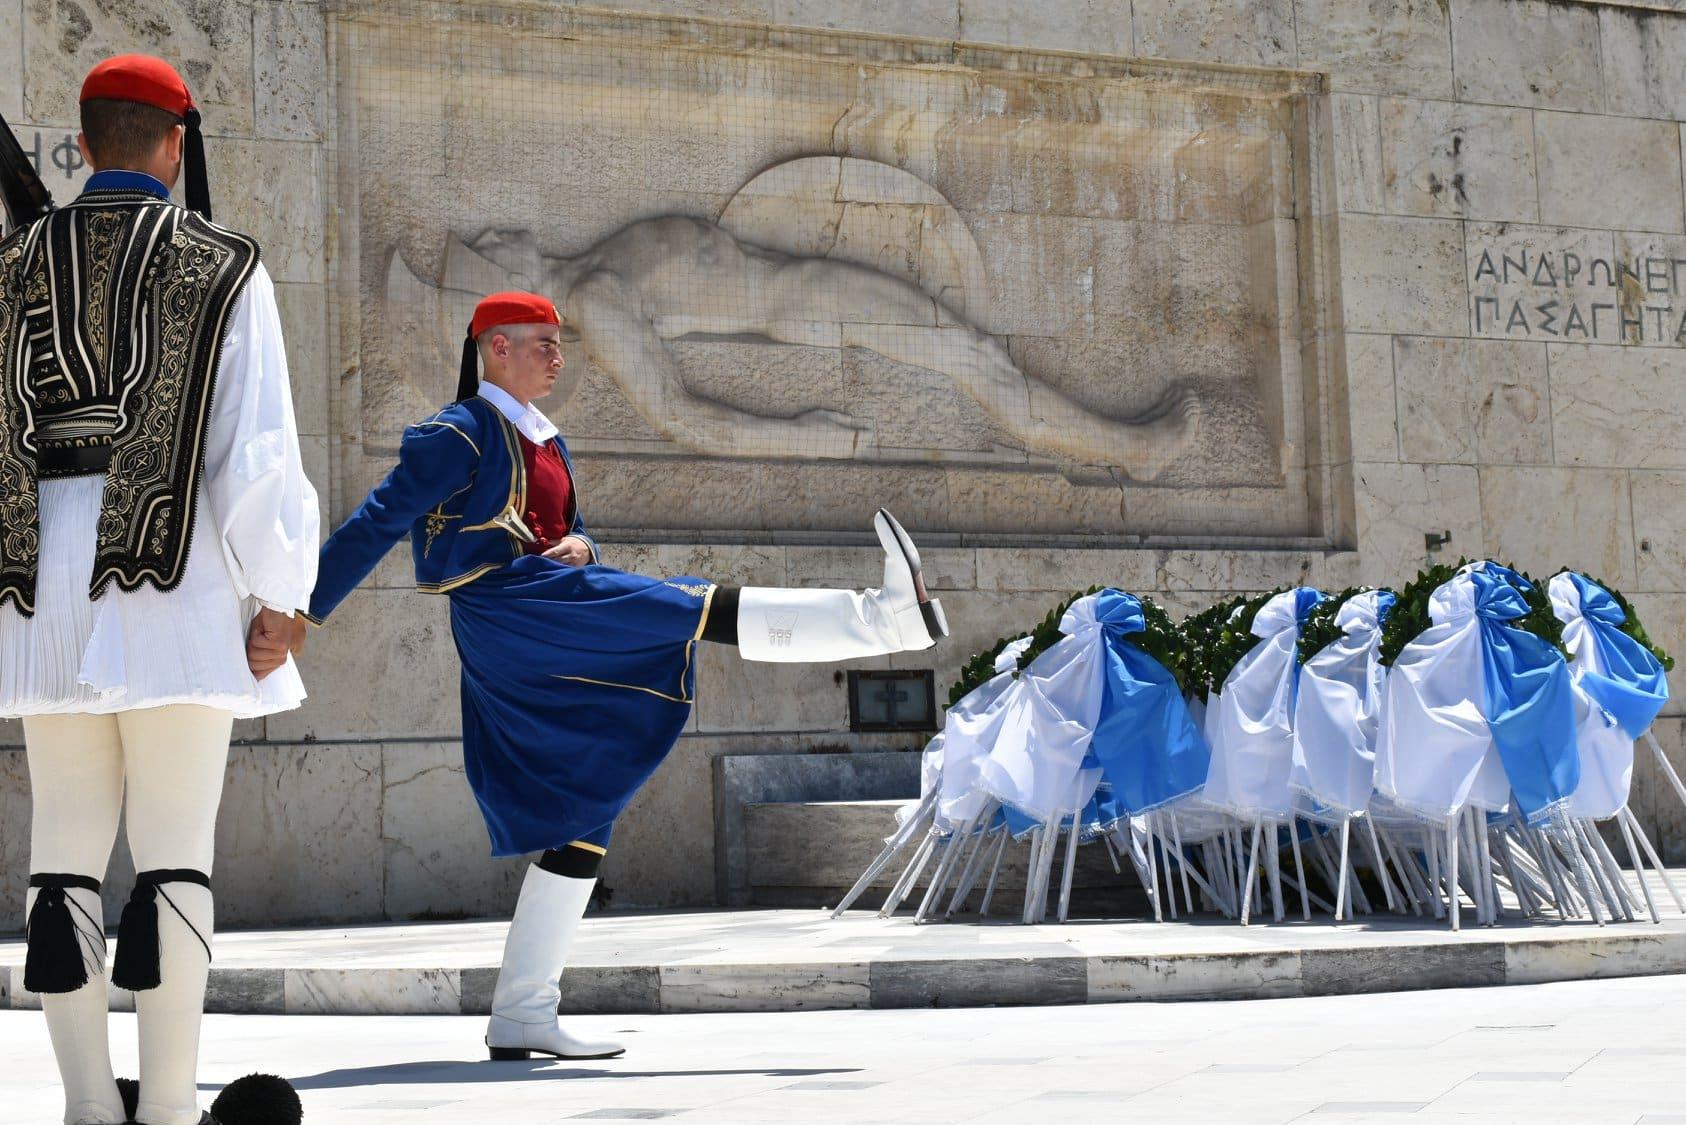 Η προεδρική φρουρά τιμά τη Μάχη της Κρήτης - Βρακοφόροι Εύζωνες